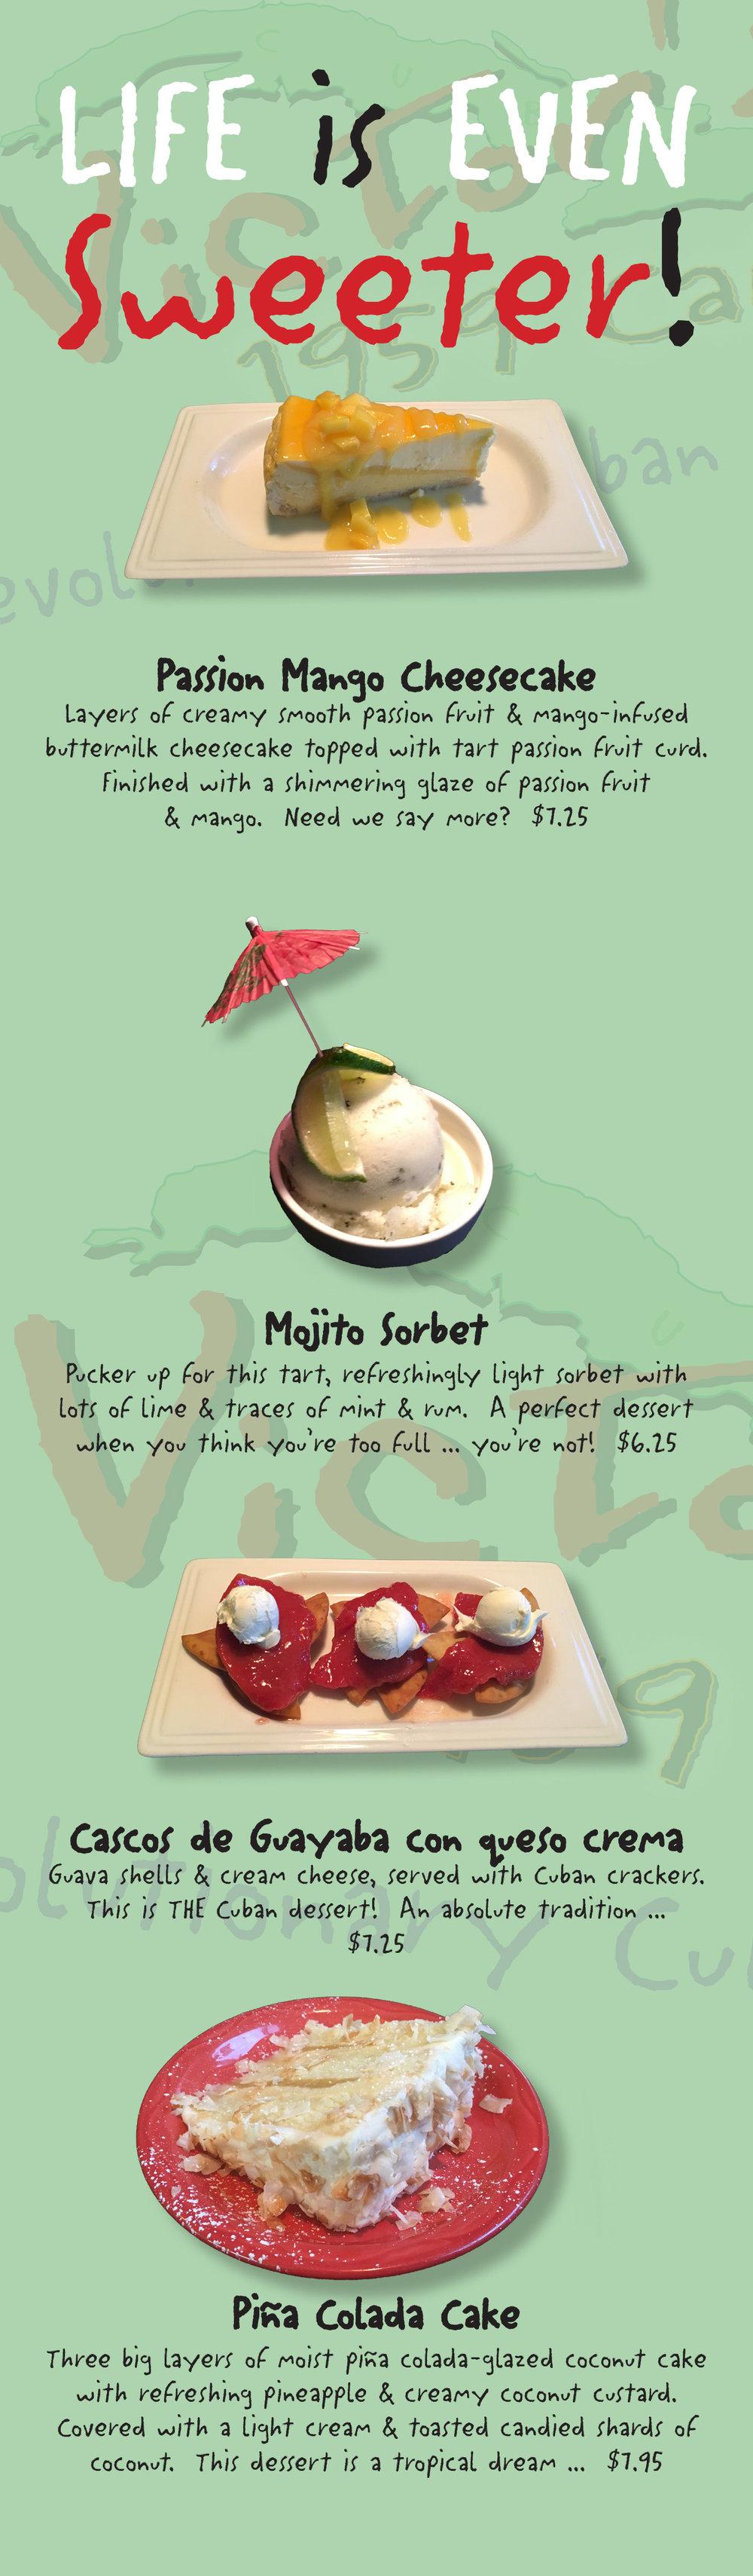 Victor's-Dessert-2017_Page_2.jpg